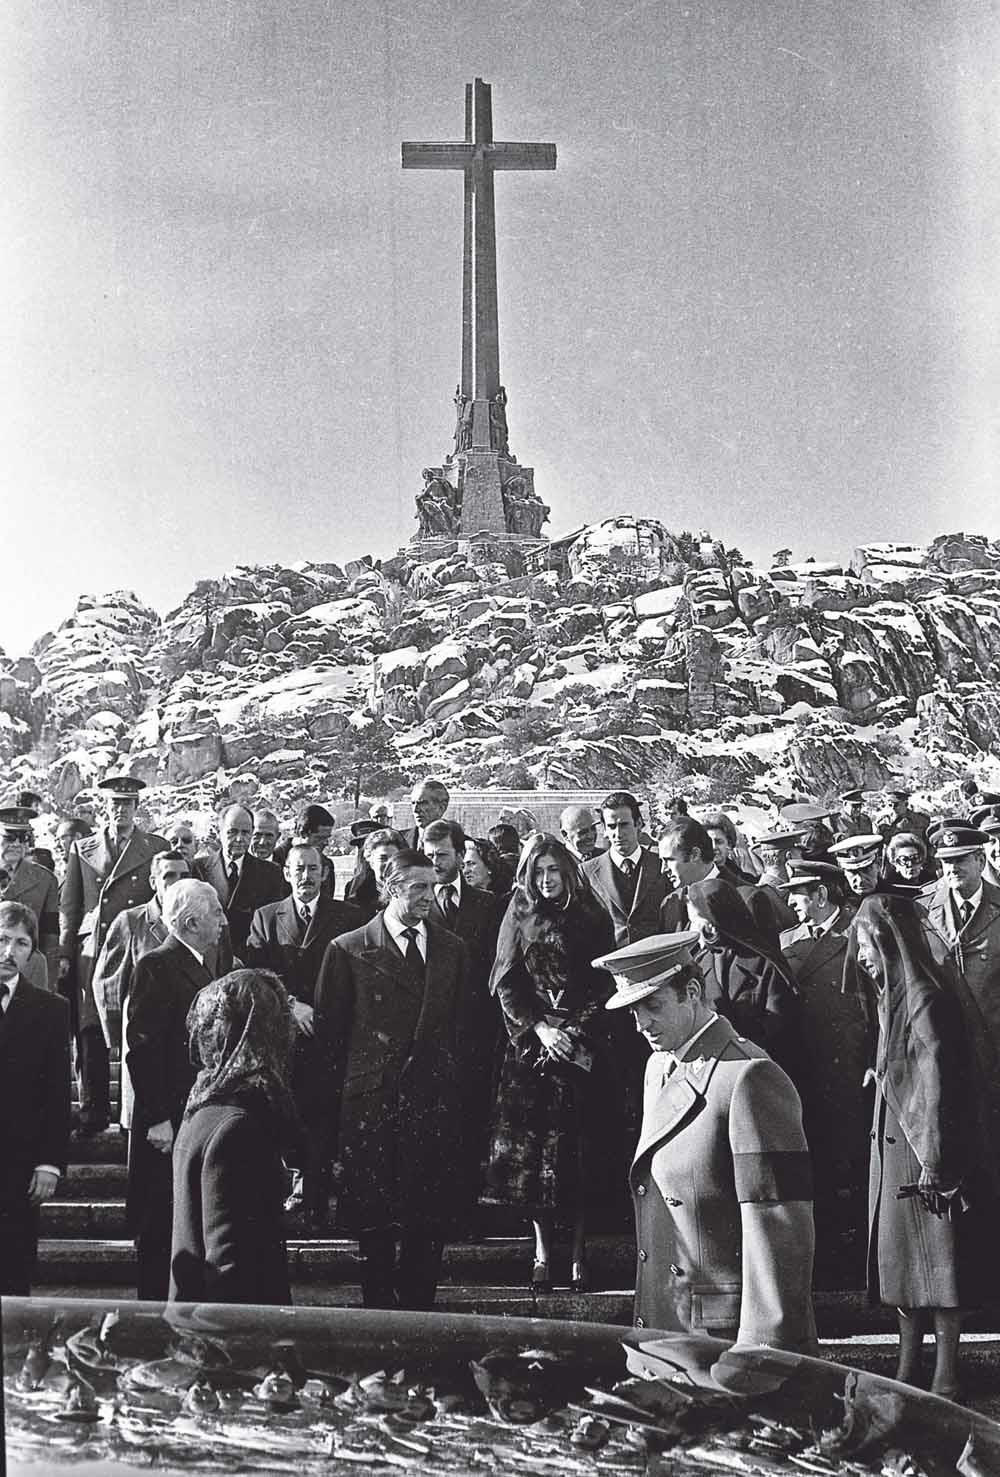 De Spaanse koning Juan Carlos I (vooraan met rouwband) en koningin Sofía zijn aanwezig bij de begrafenis van generaal Francisco Franco op 23 november 1975. Franco's dood luidde de overgang naar de democratie in. – © ANP